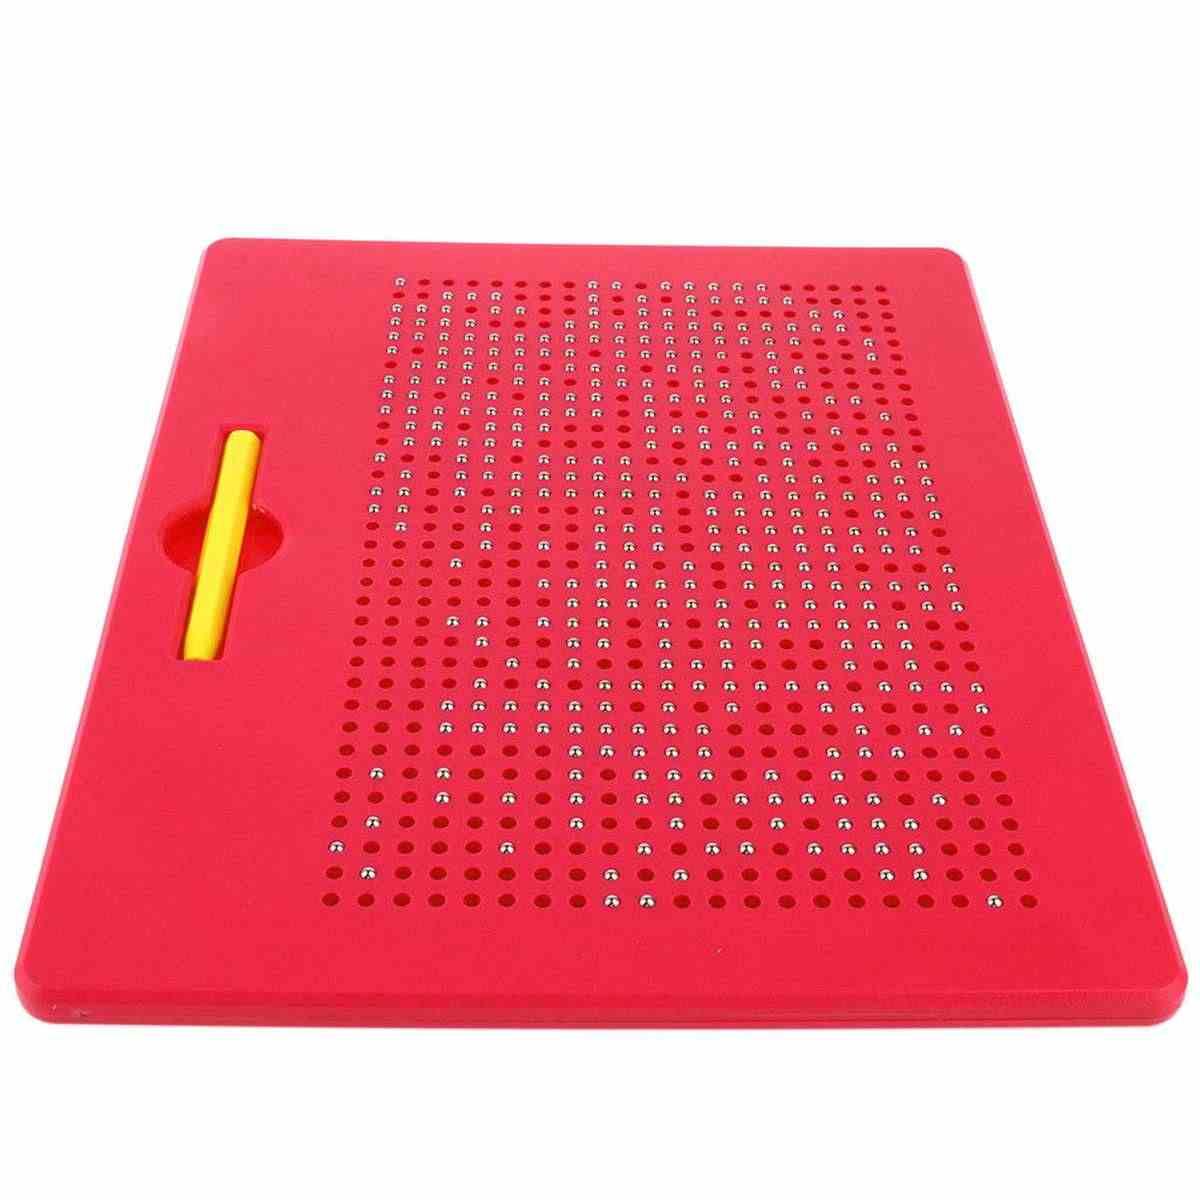 33.5x25.5 ซม.แท็บเล็ตแม่เหล็กแท็บเล็ตกระดานวาดภาพลูกปัดเหล็กปากกา Stylus การเรียนรู้การศึกษาการเขียนของเล่นสำหรับเด็กของขวัญ